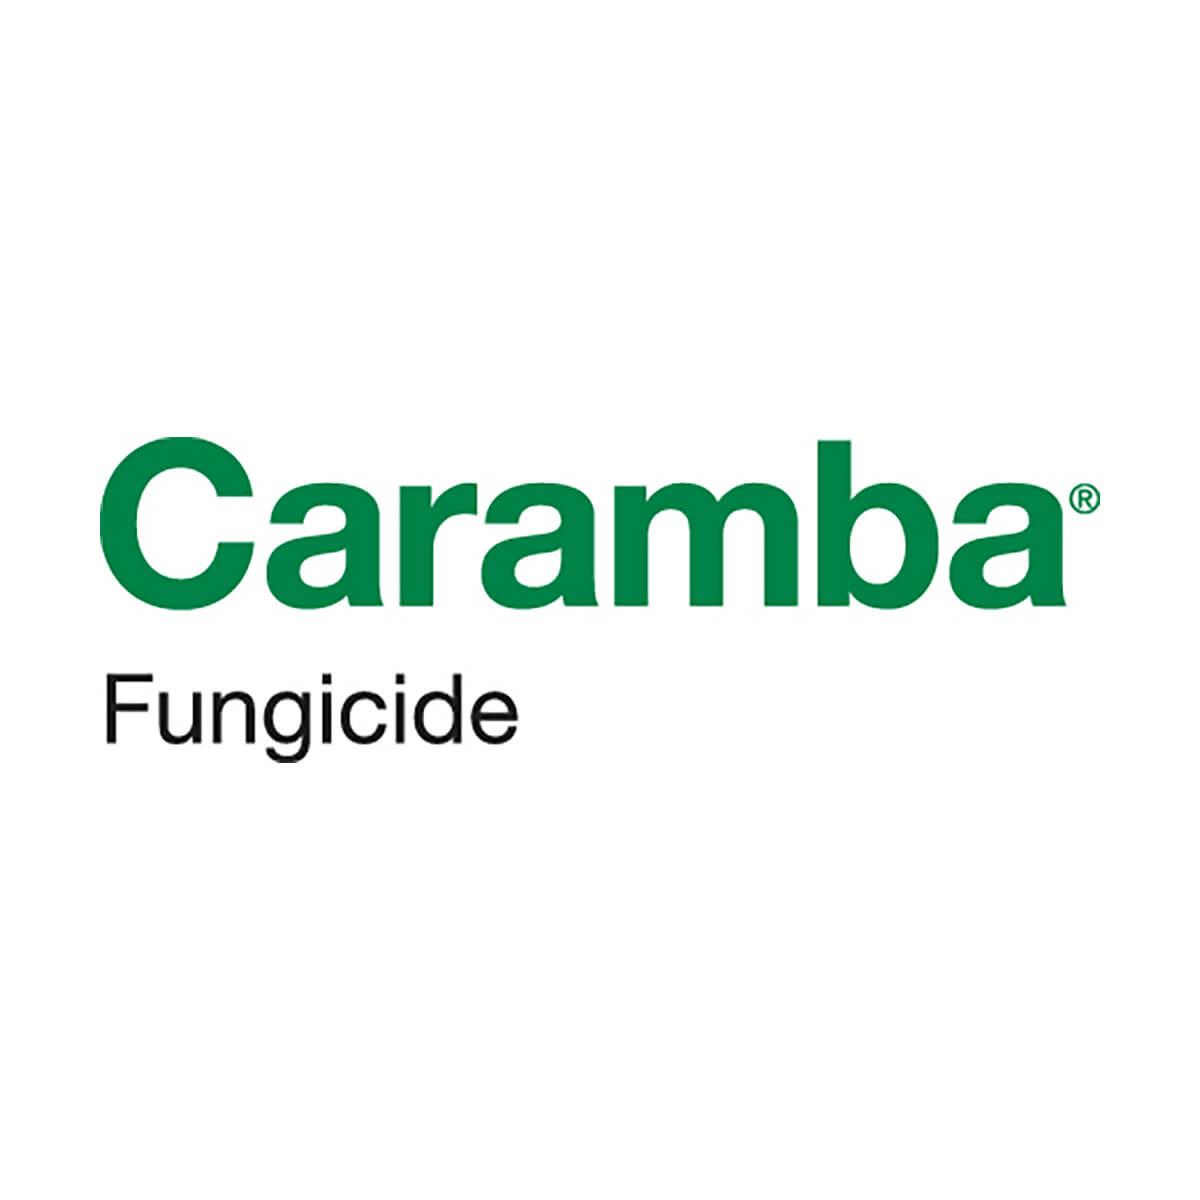 Caramba® Fungicide - 128 L Drum